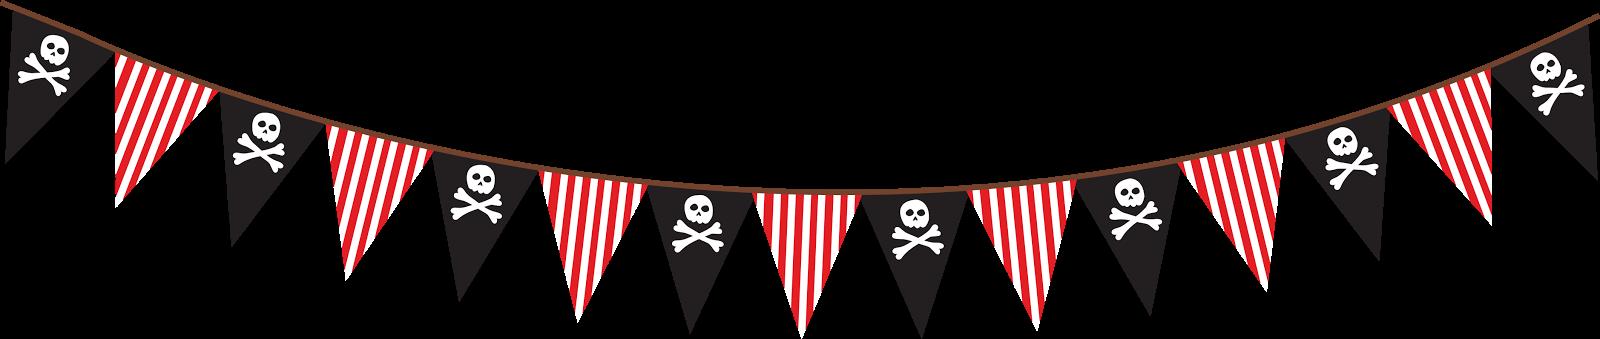 Liveloveserveteach argh mateys a. Pirate clipart banner